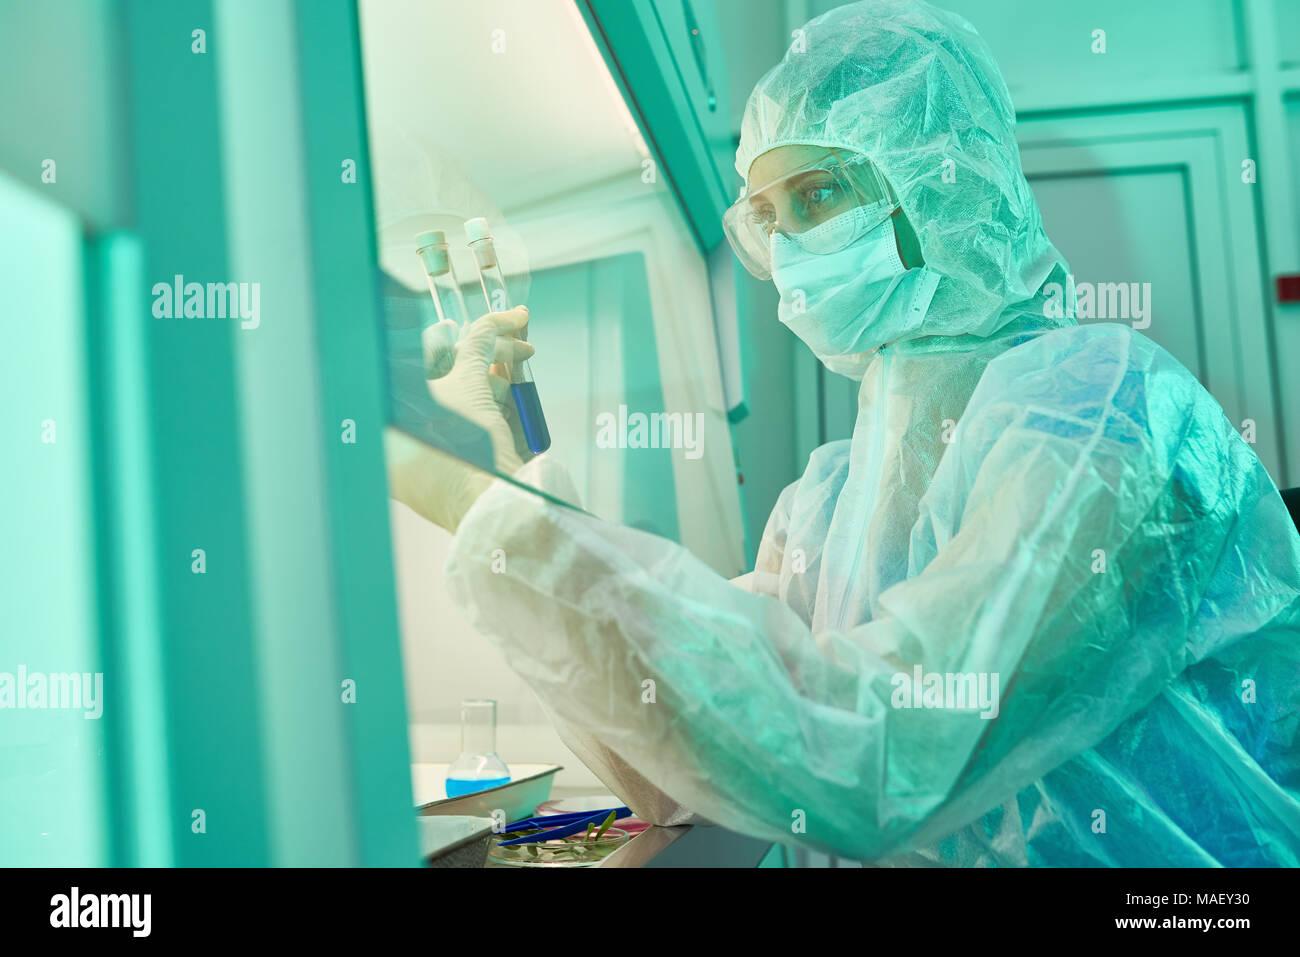 Lugar de laboratorio especiales para arriesgado experimento científico Imagen De Stock